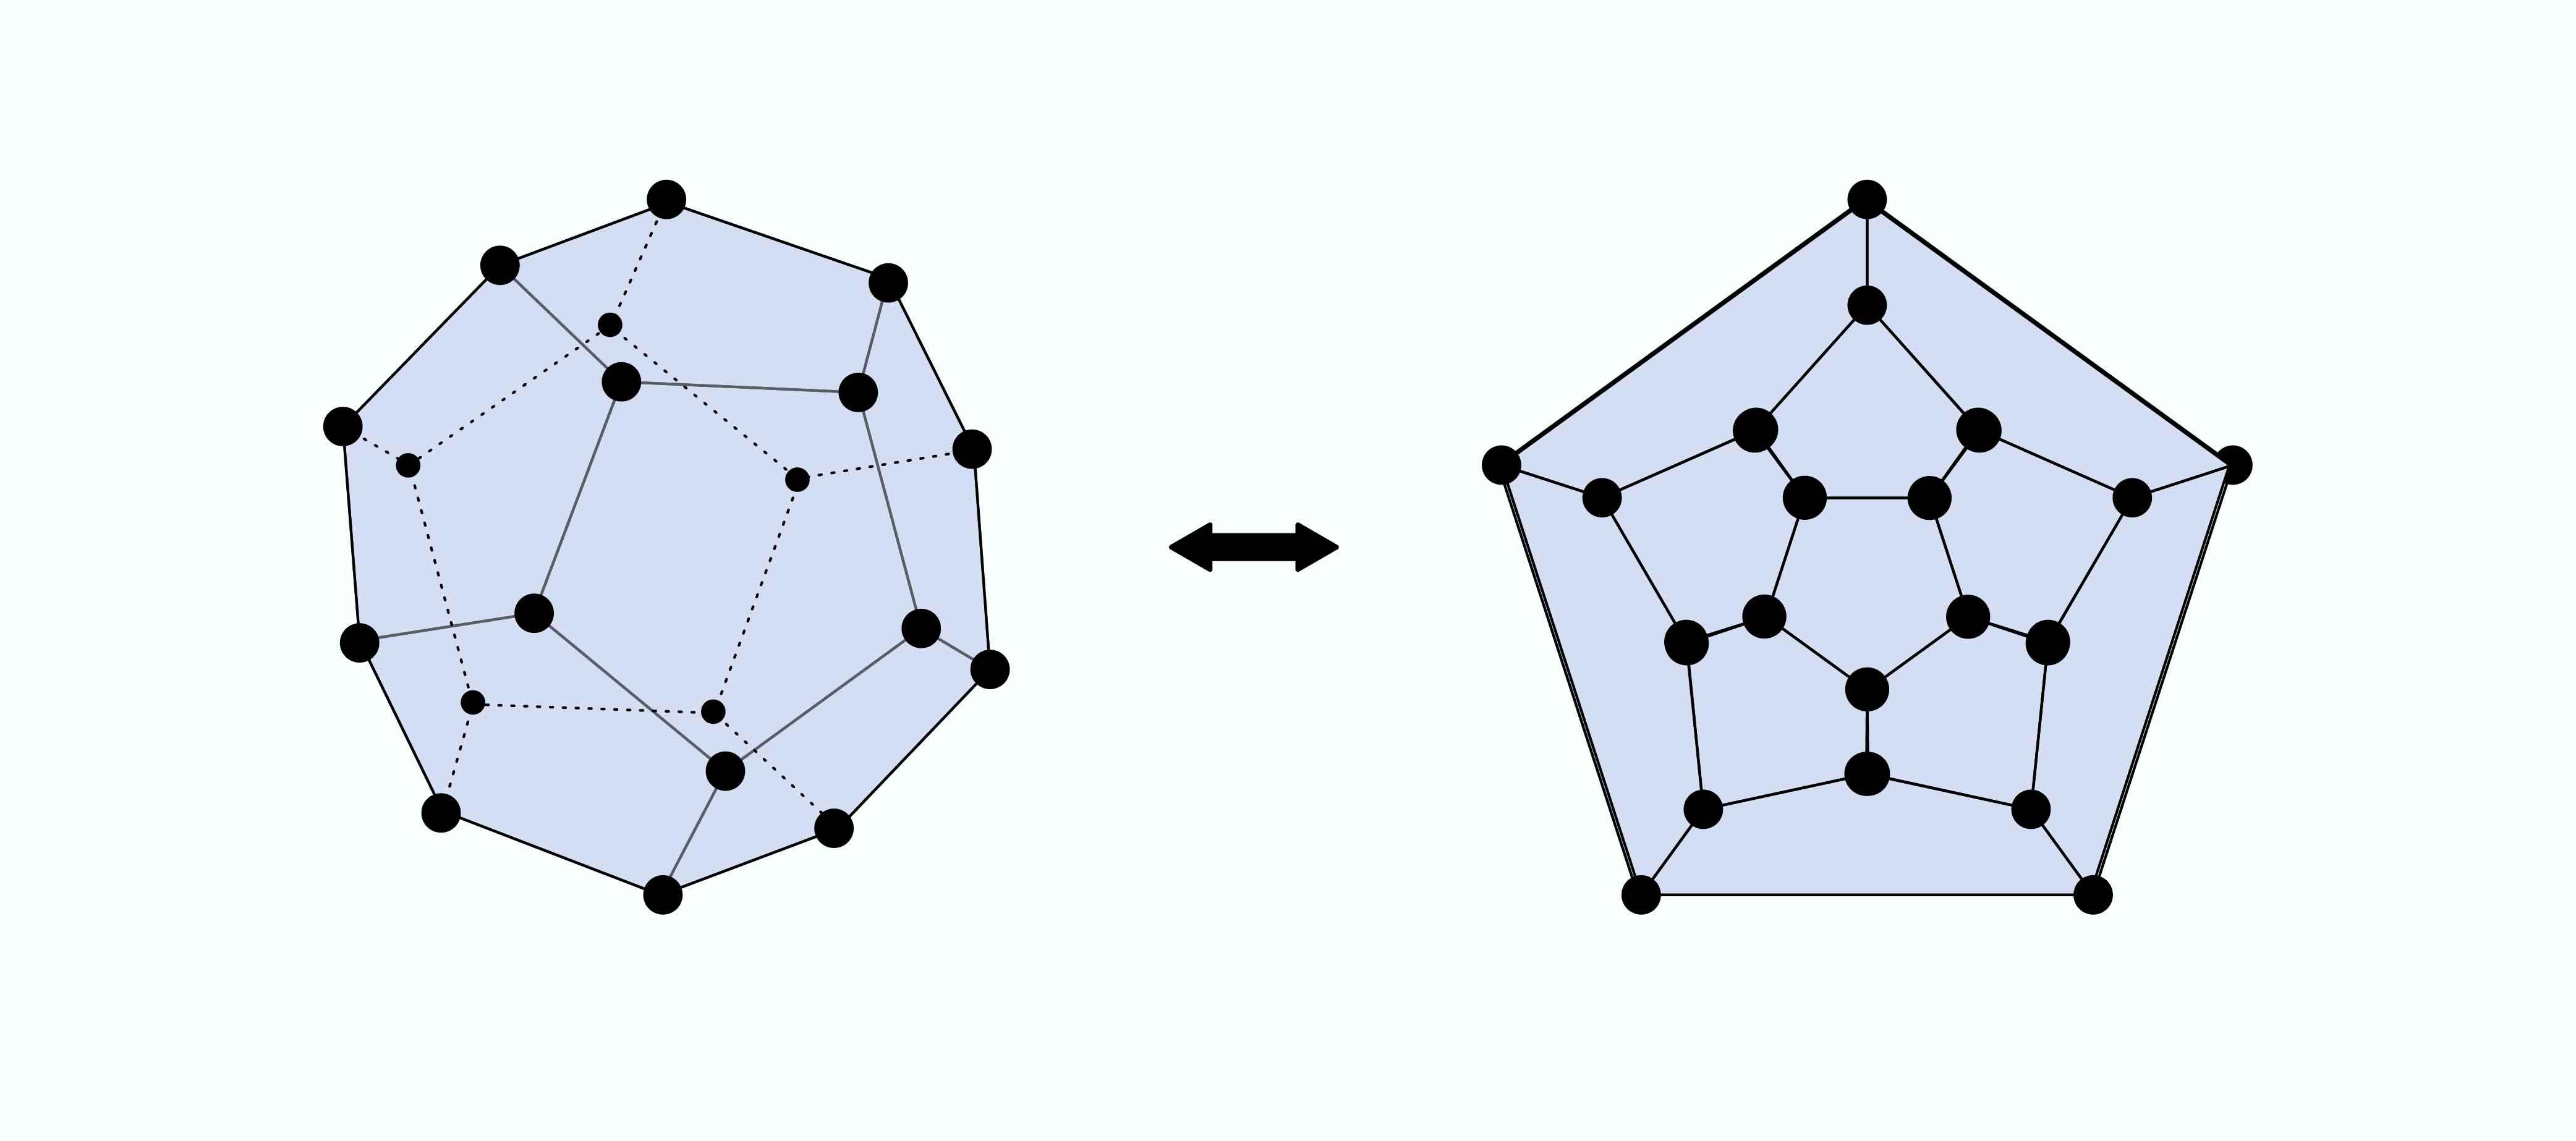 漢彌爾頓的環遊世界遊戲牽涉到圖形理論 (Graph Theory) ,比較容易的作法,是先把正 12 面體的圖壓扁成平面圖,再於平面圖中找出通過所有點各一次的圈,也就是漢彌爾頓迴圈。圖│Hamiltonian Graph